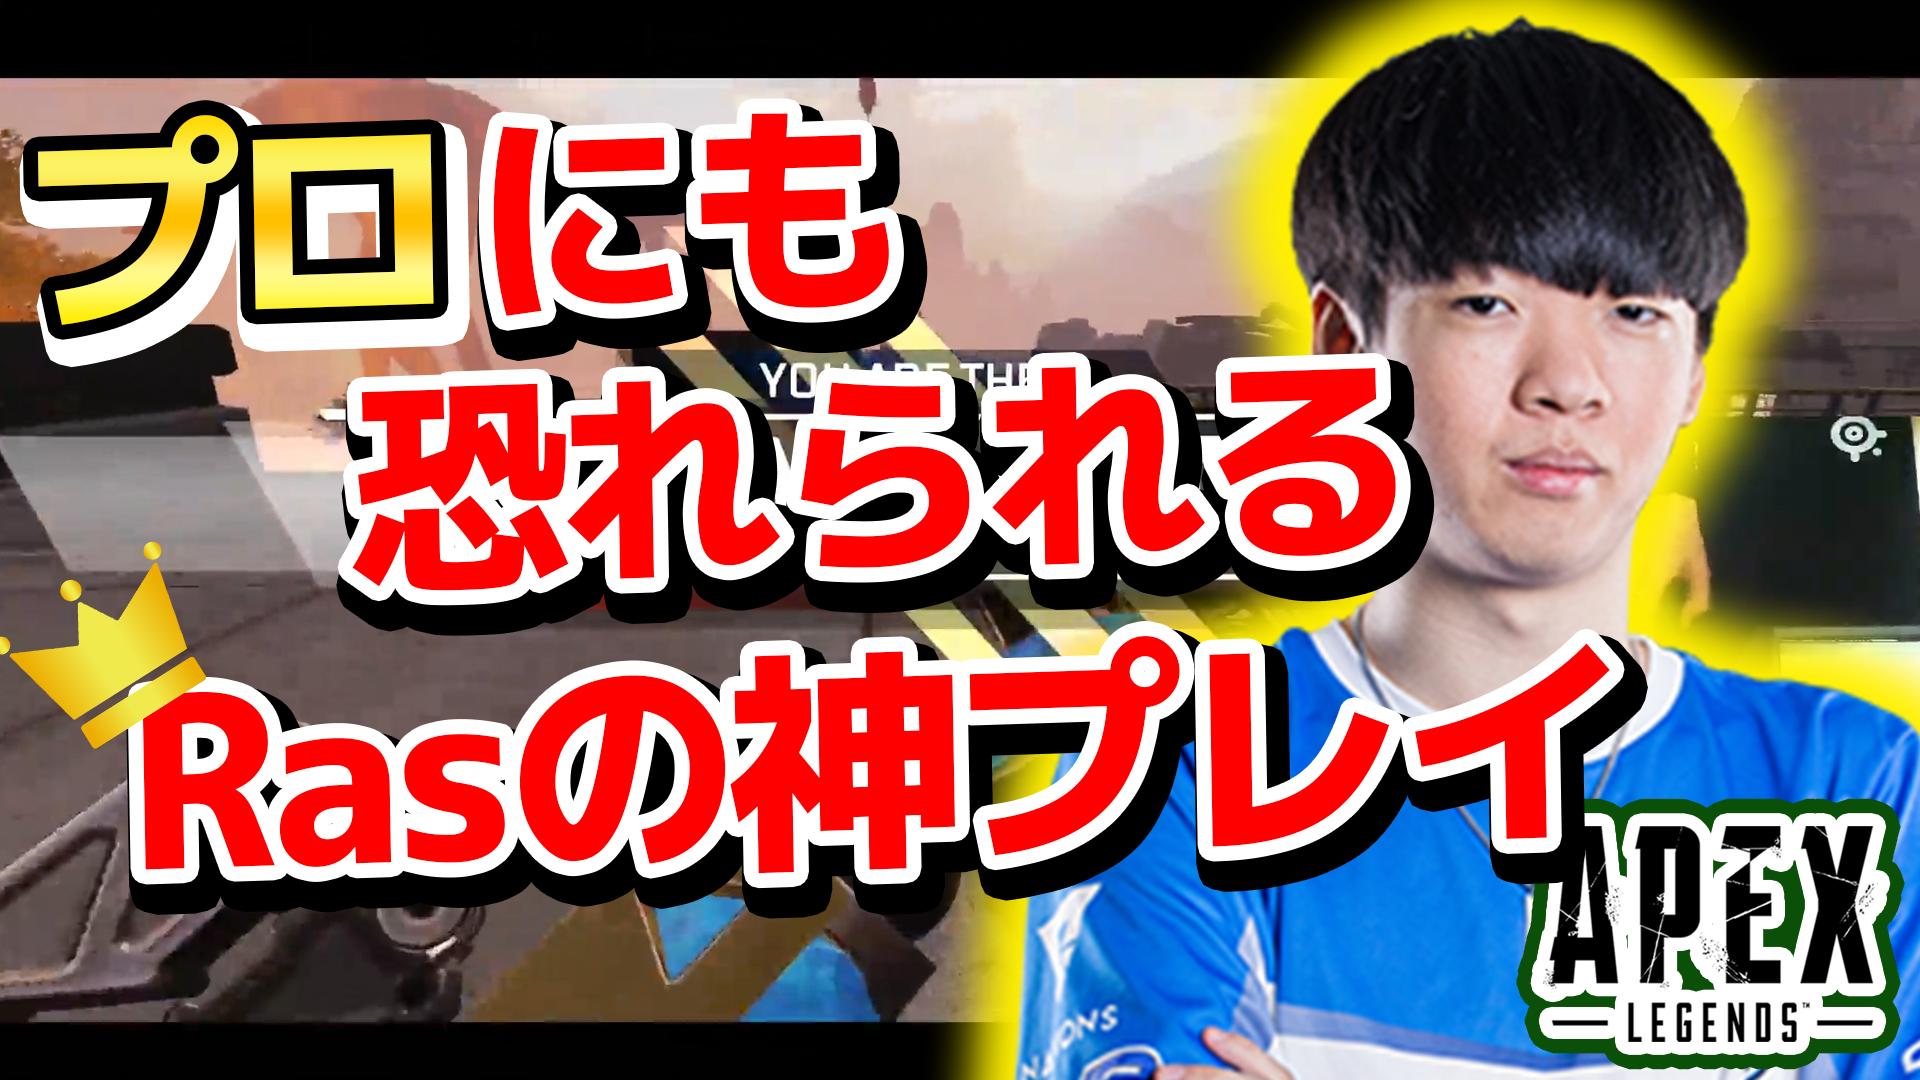 【YouTube】ウィングマンを持たせてはいけない!?最強プロゲーマー「Ras」の神プレイまとめ